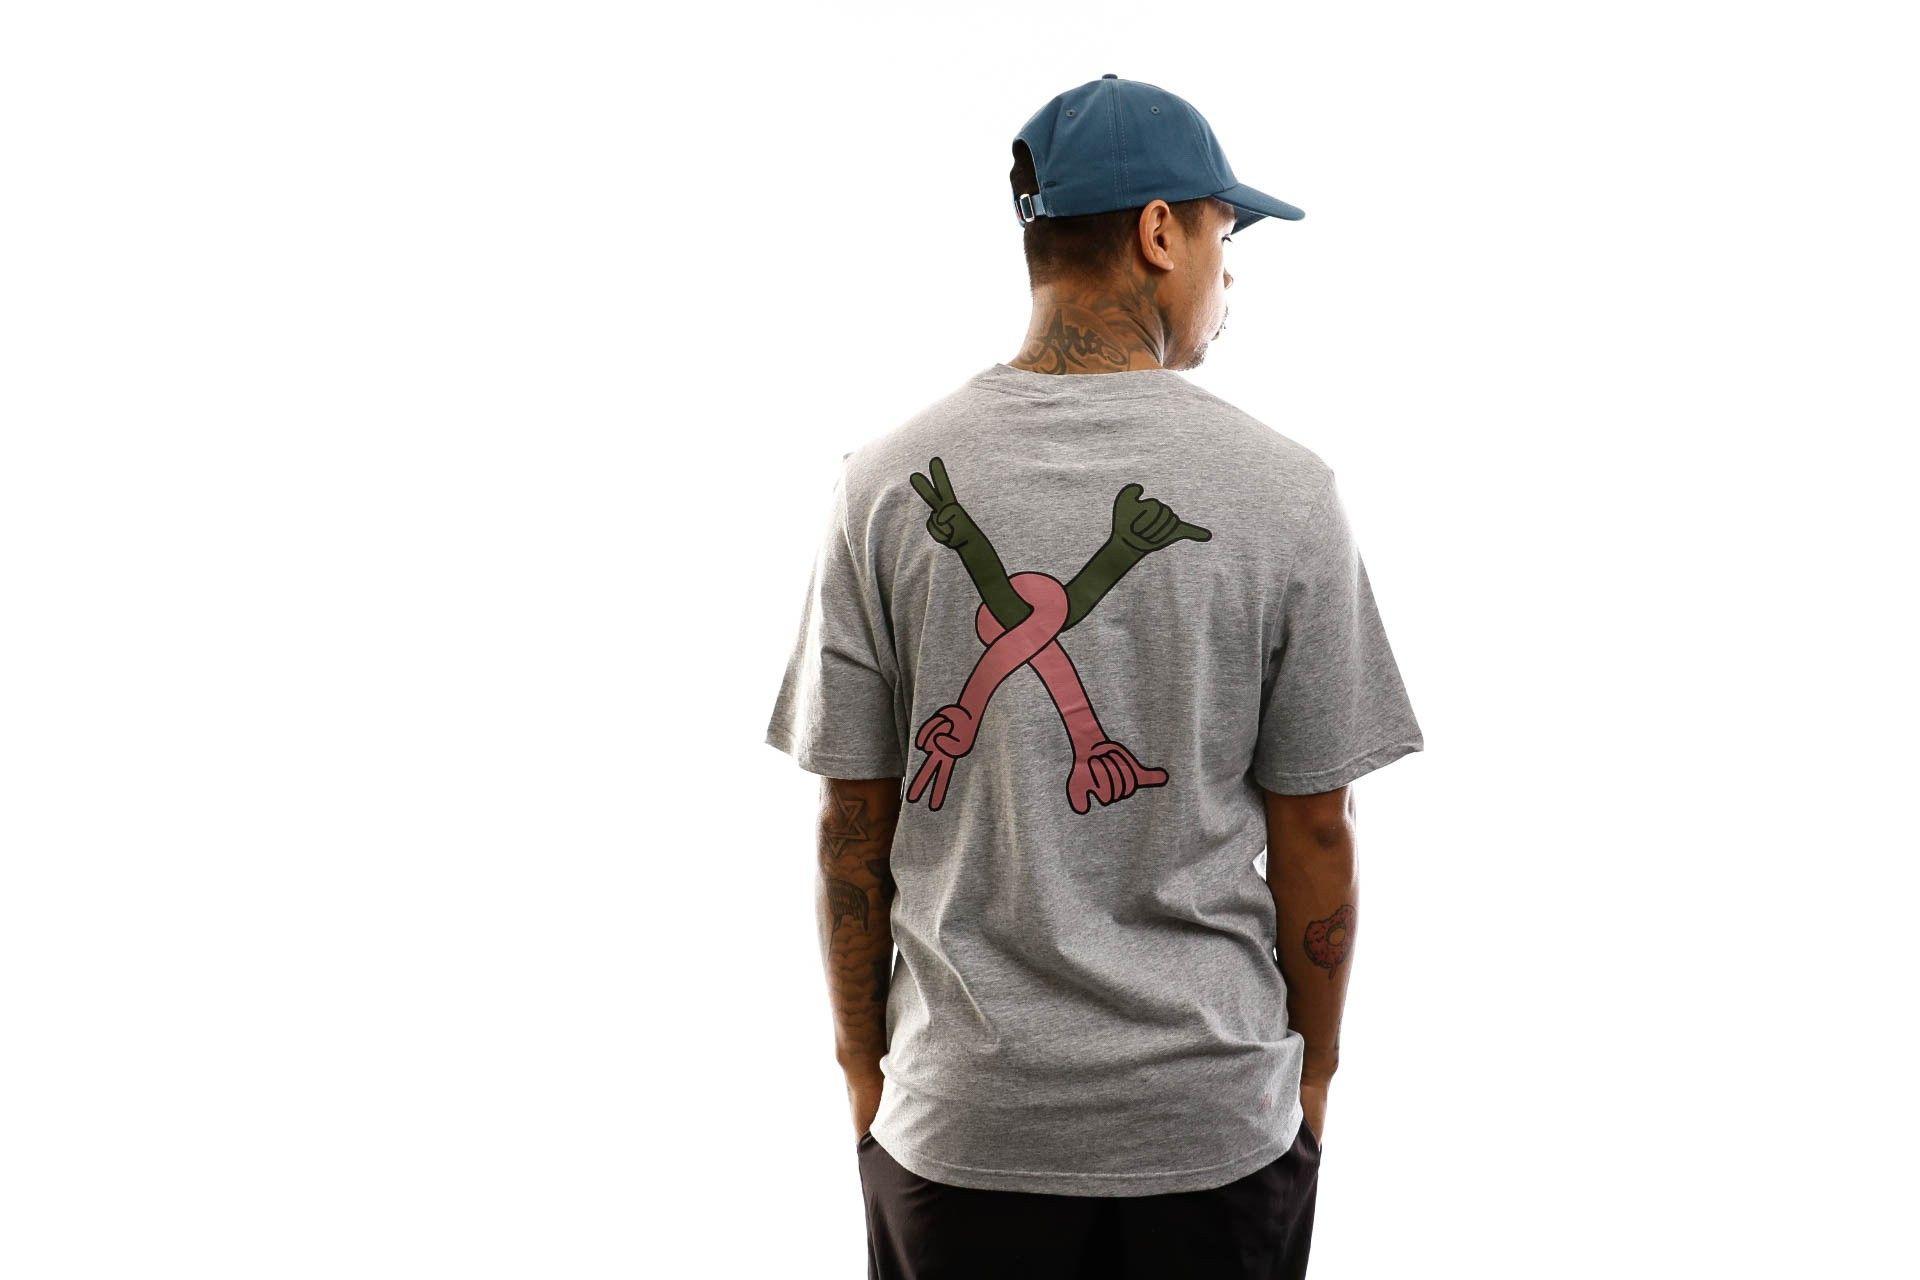 Afbeelding van Herschel T-shirt Kevin Butler | Men's Tee Peace X Shaka Heather Grey 50027-00710